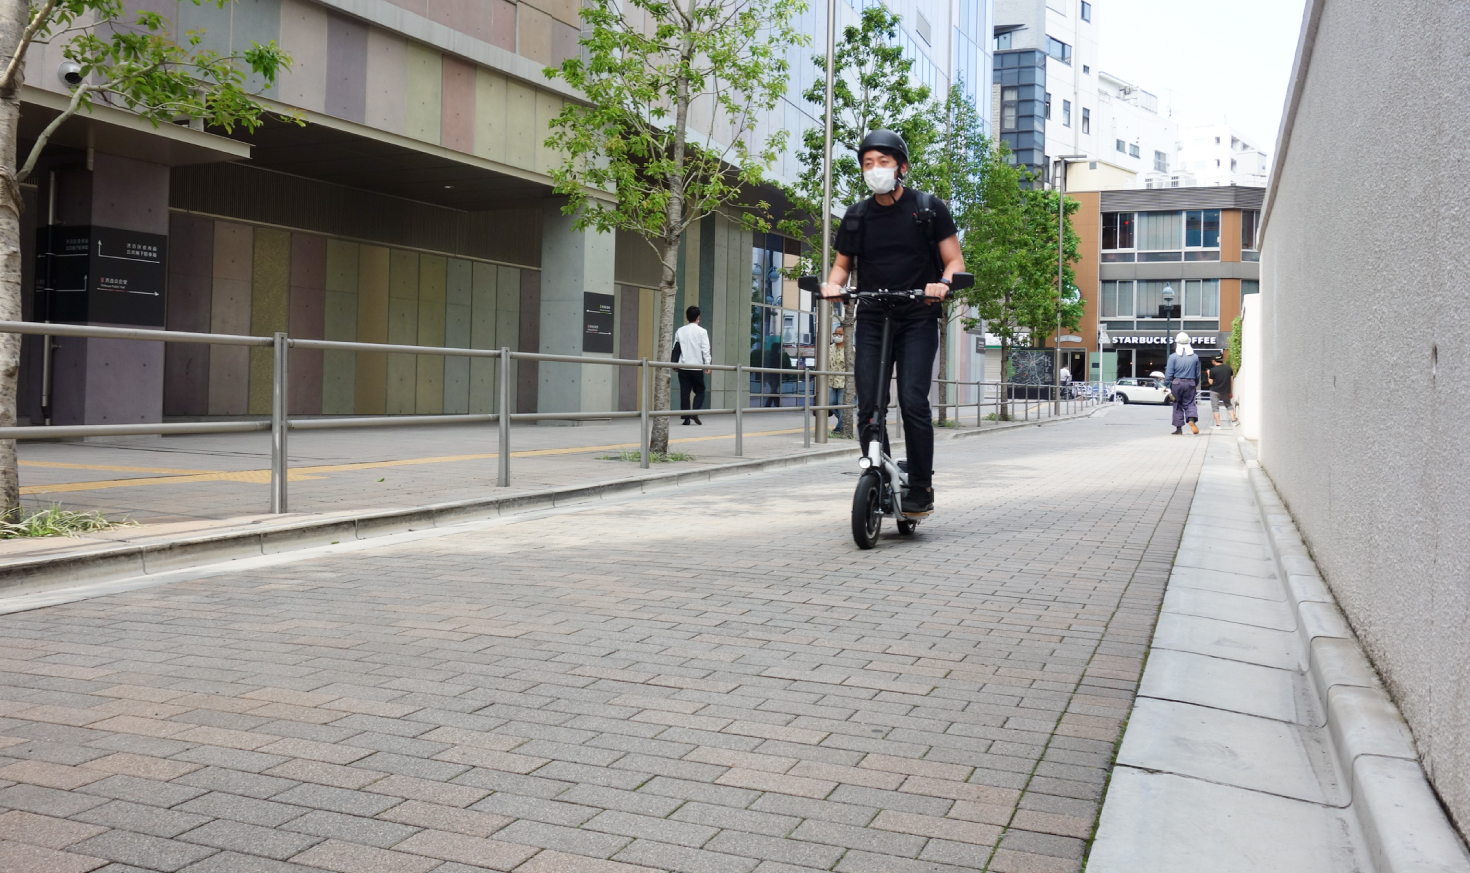 【試乗レポ】バイクでもキックスクーターでもない。   glafitの新立ち乗りモビリティ、LOMに期待すること